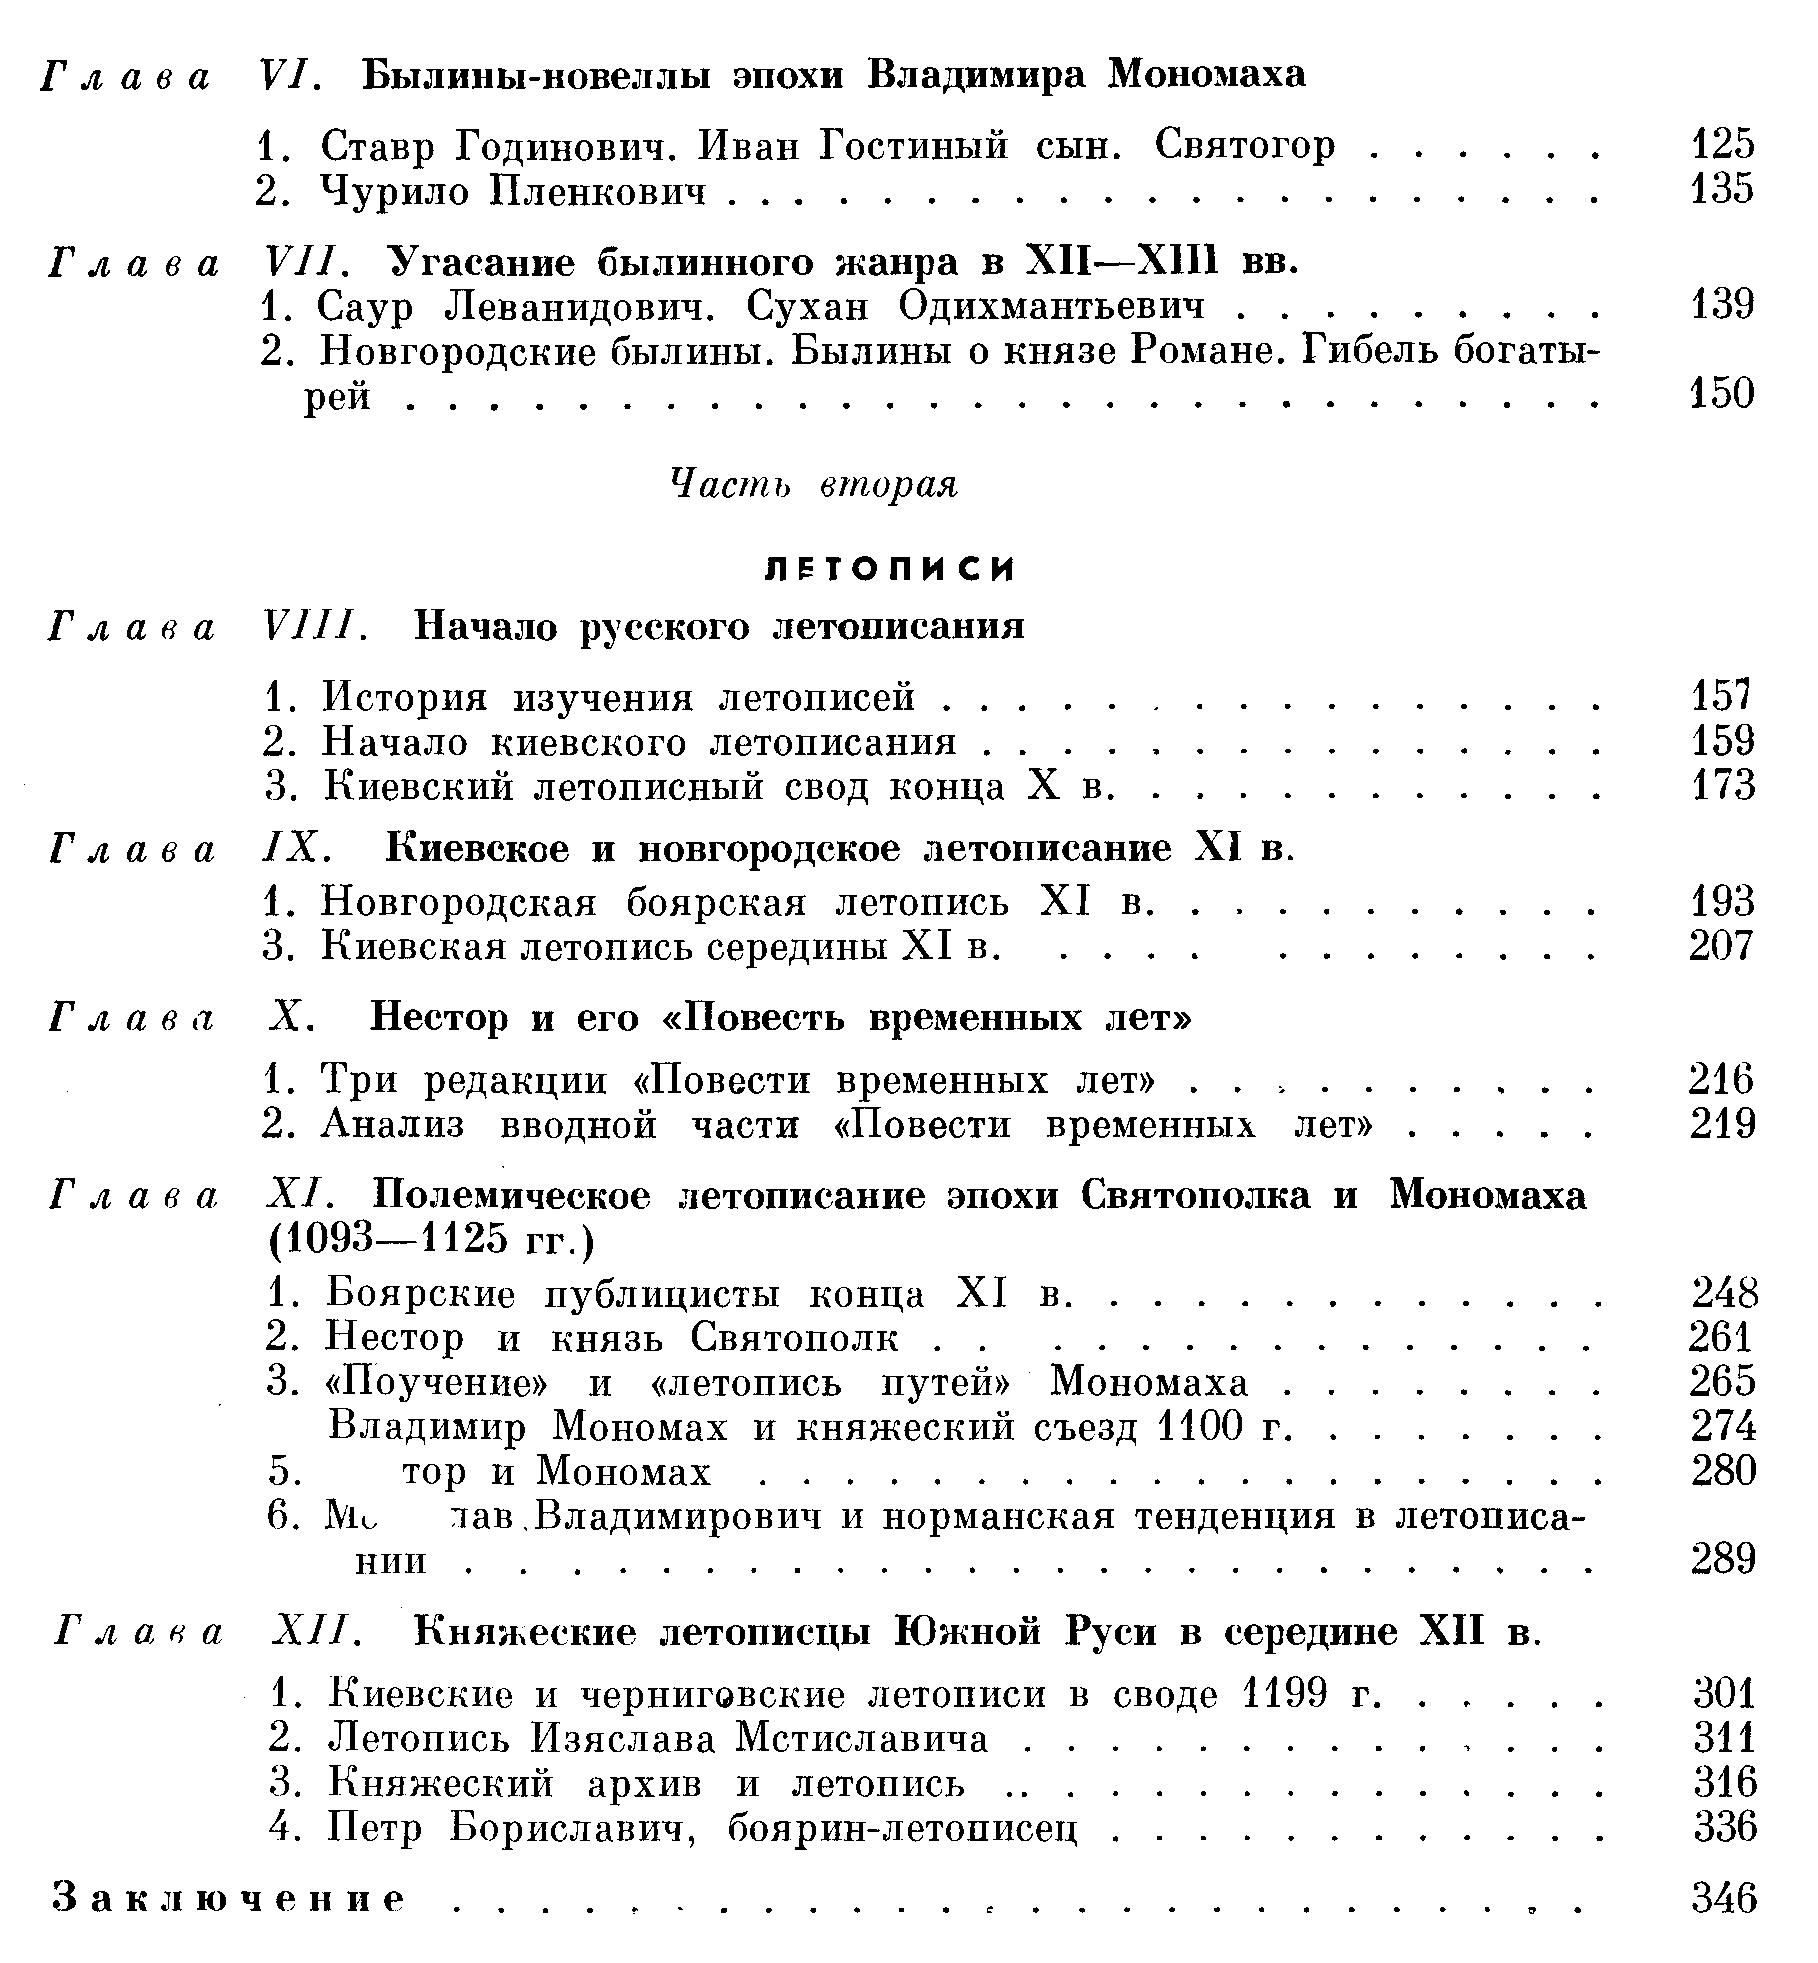 Рыбаков Б. А. Древняя Русь. Сказания, былины, летописи. 1963 г.